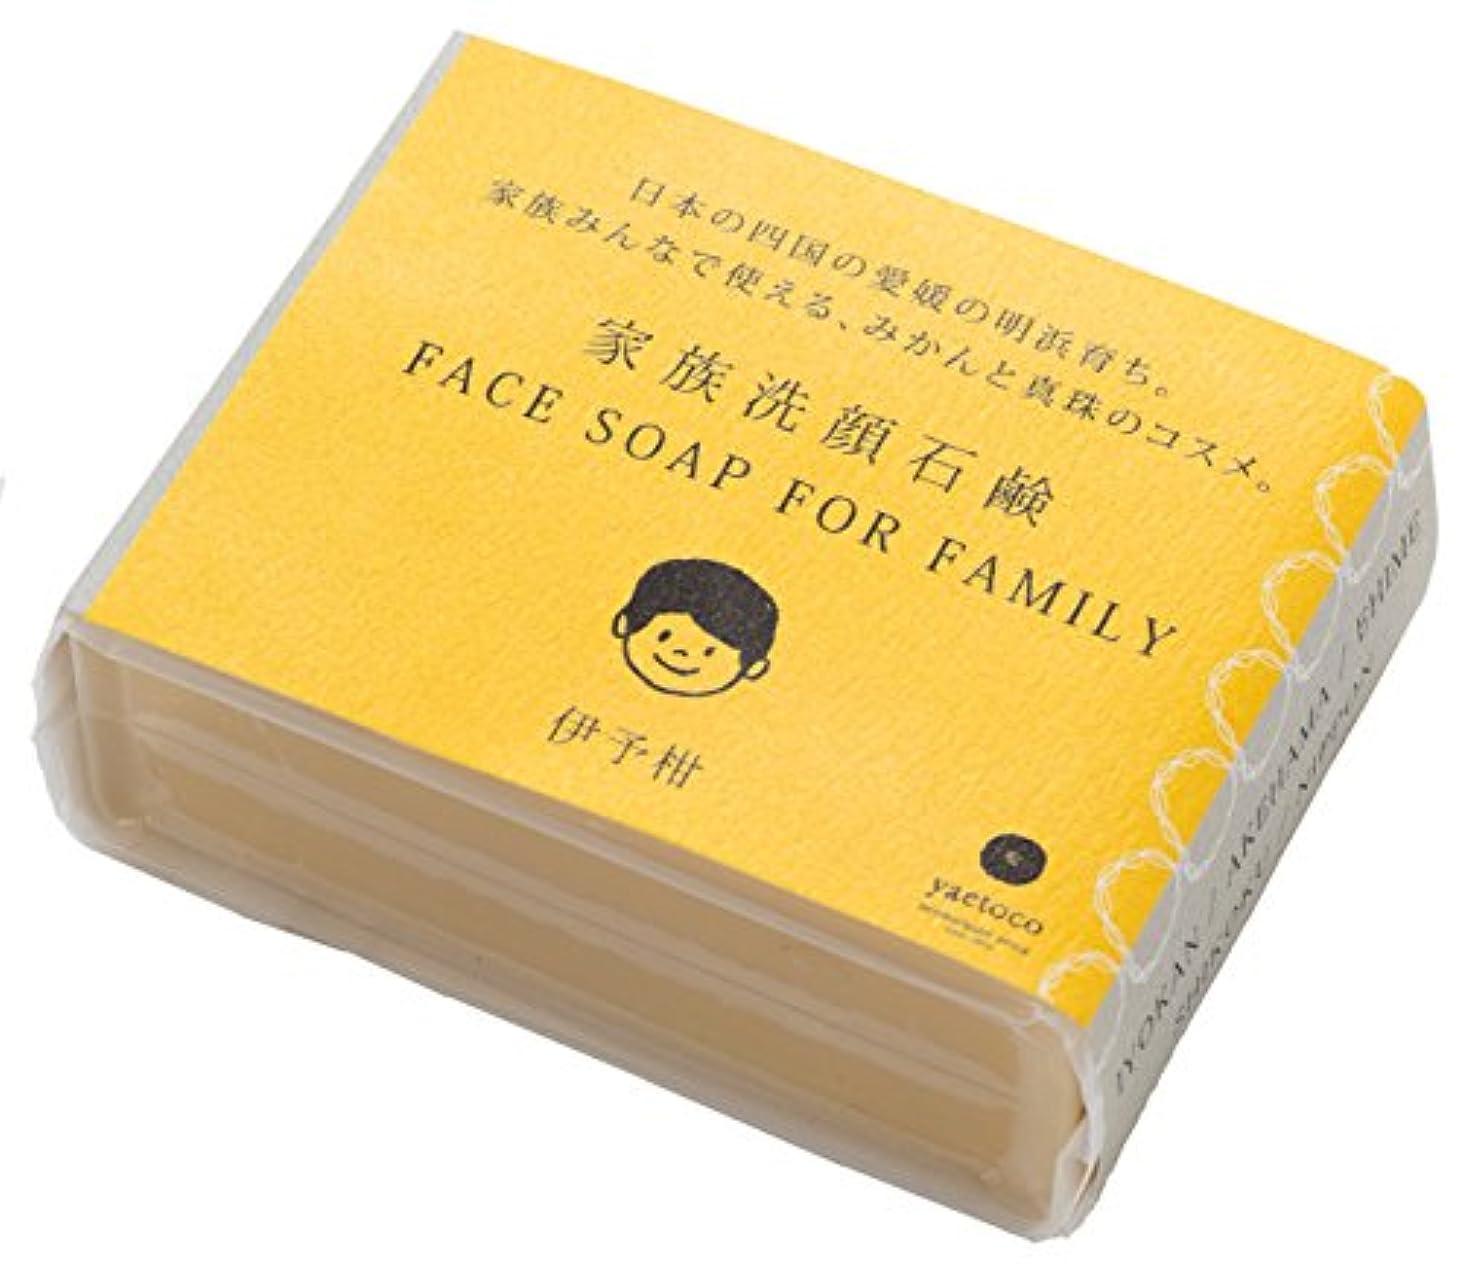 水を飲むシード同盟yaetoco家族洗顔石鹸